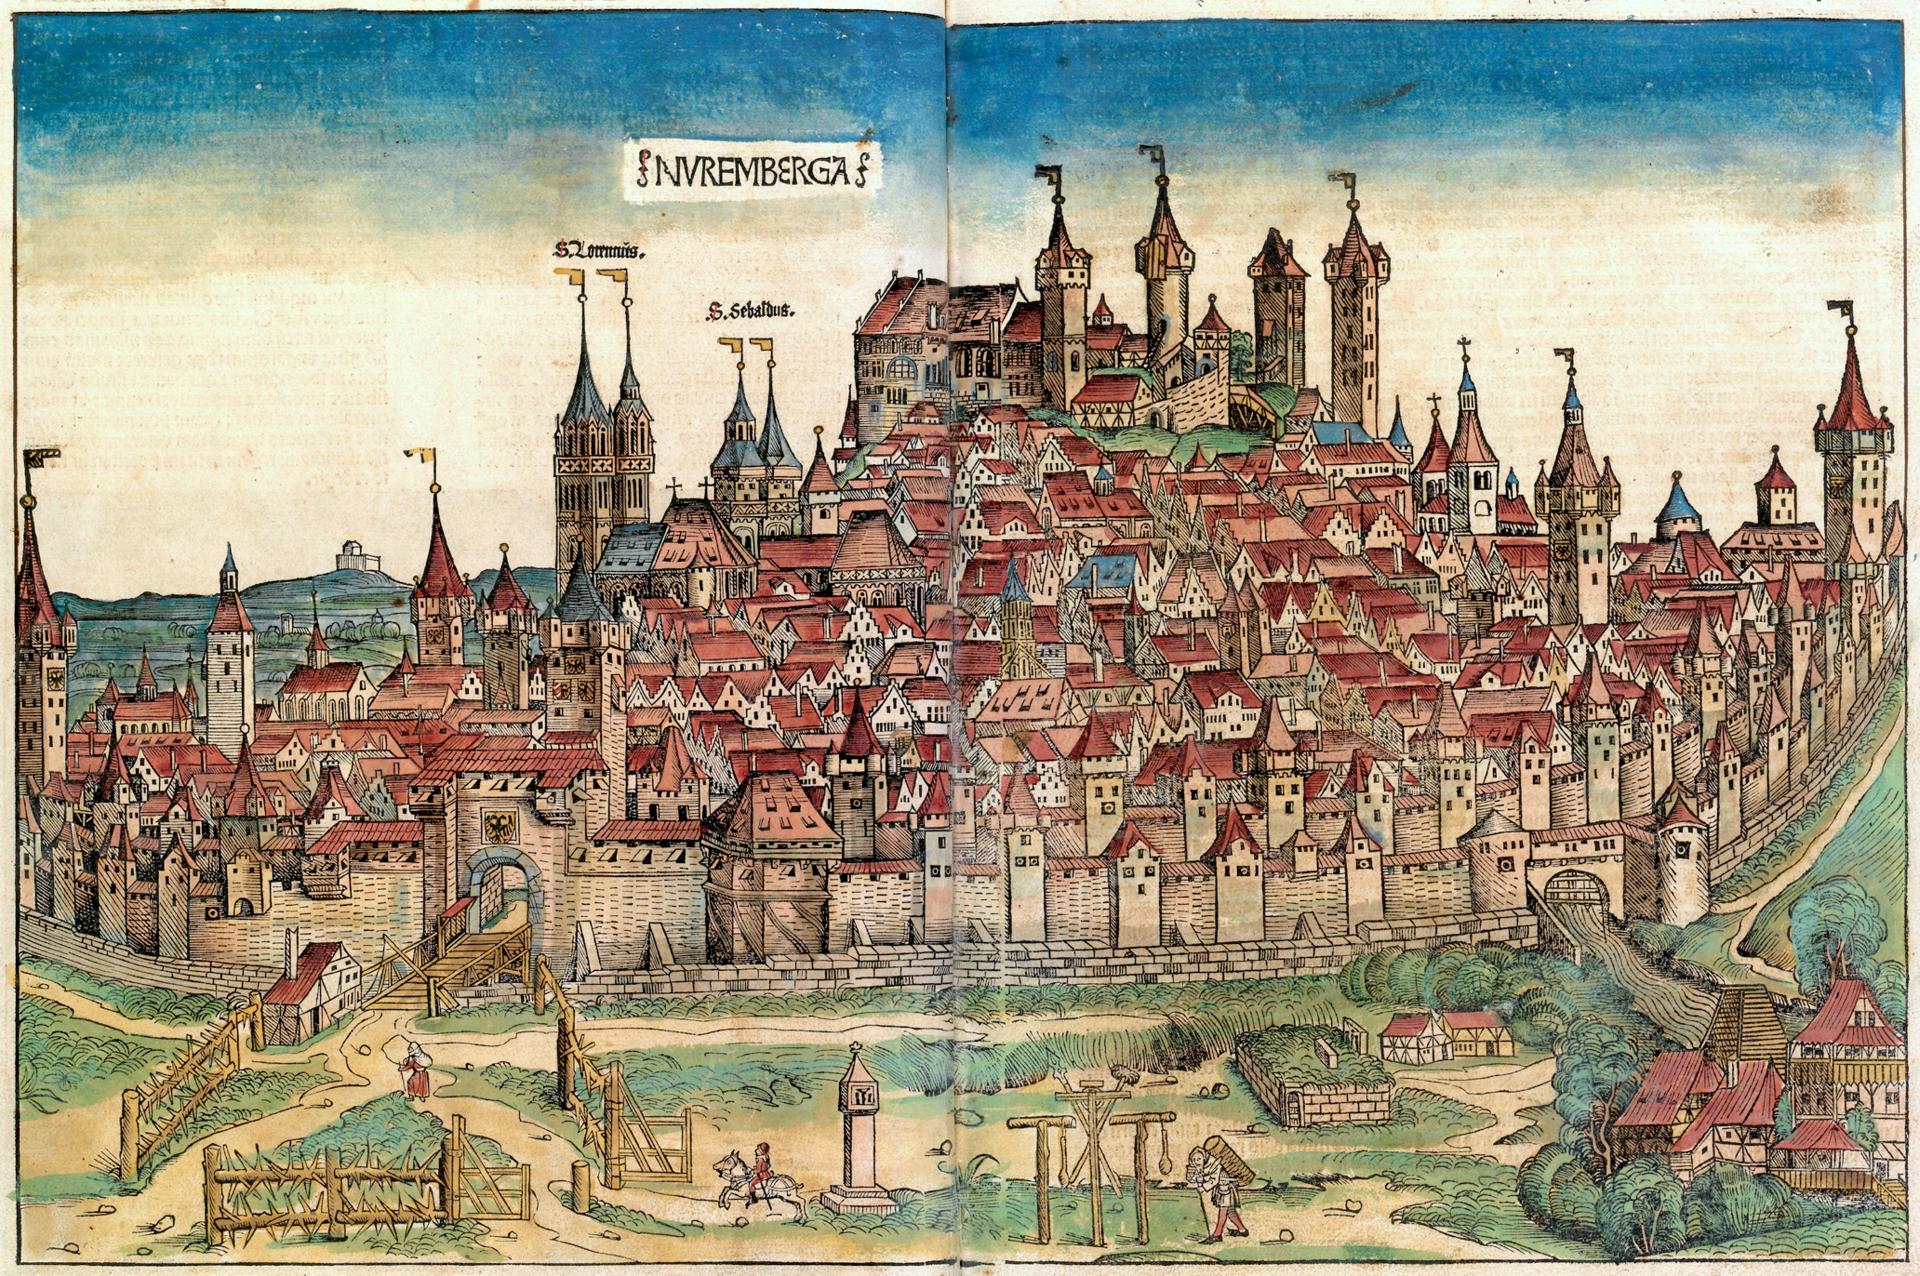 Von Michel Wolgemut, Wilhelm Pleydenwurff (Text: Hartmann Schedel) - Eigener Scan, Gemeinfrei, https://commons.wikimedia.org/w/index.php?curid=872178